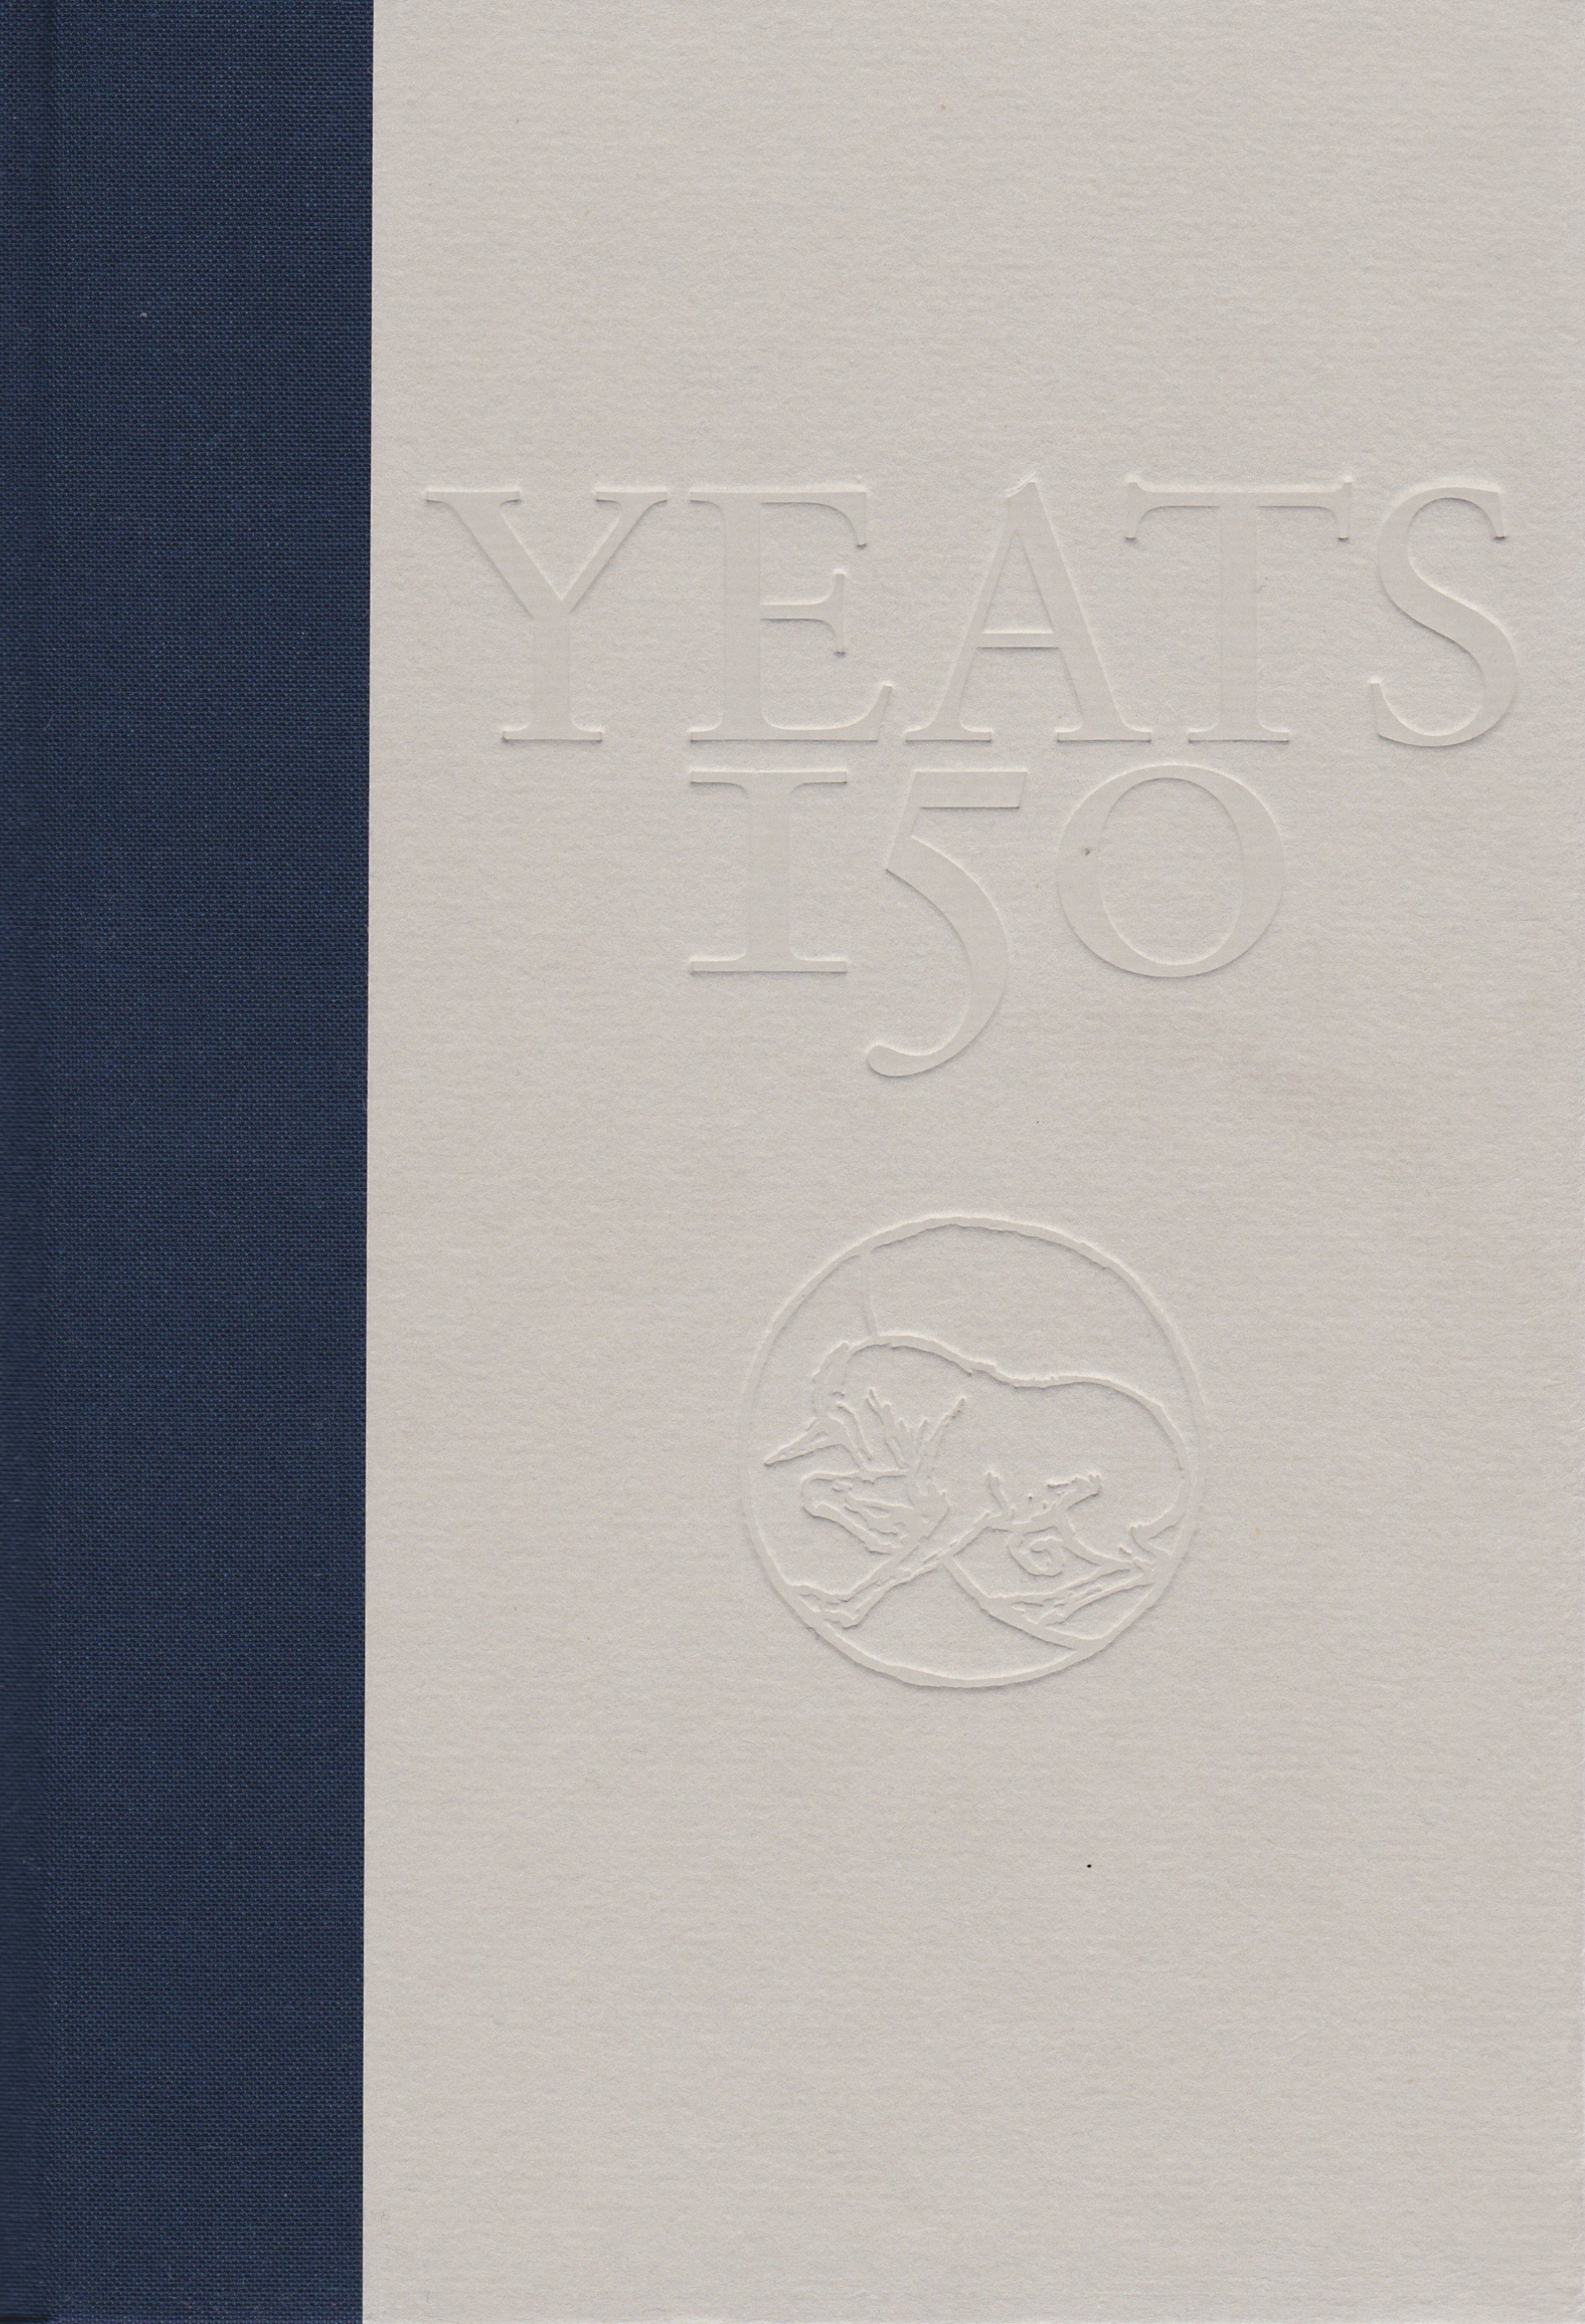 yeats-150